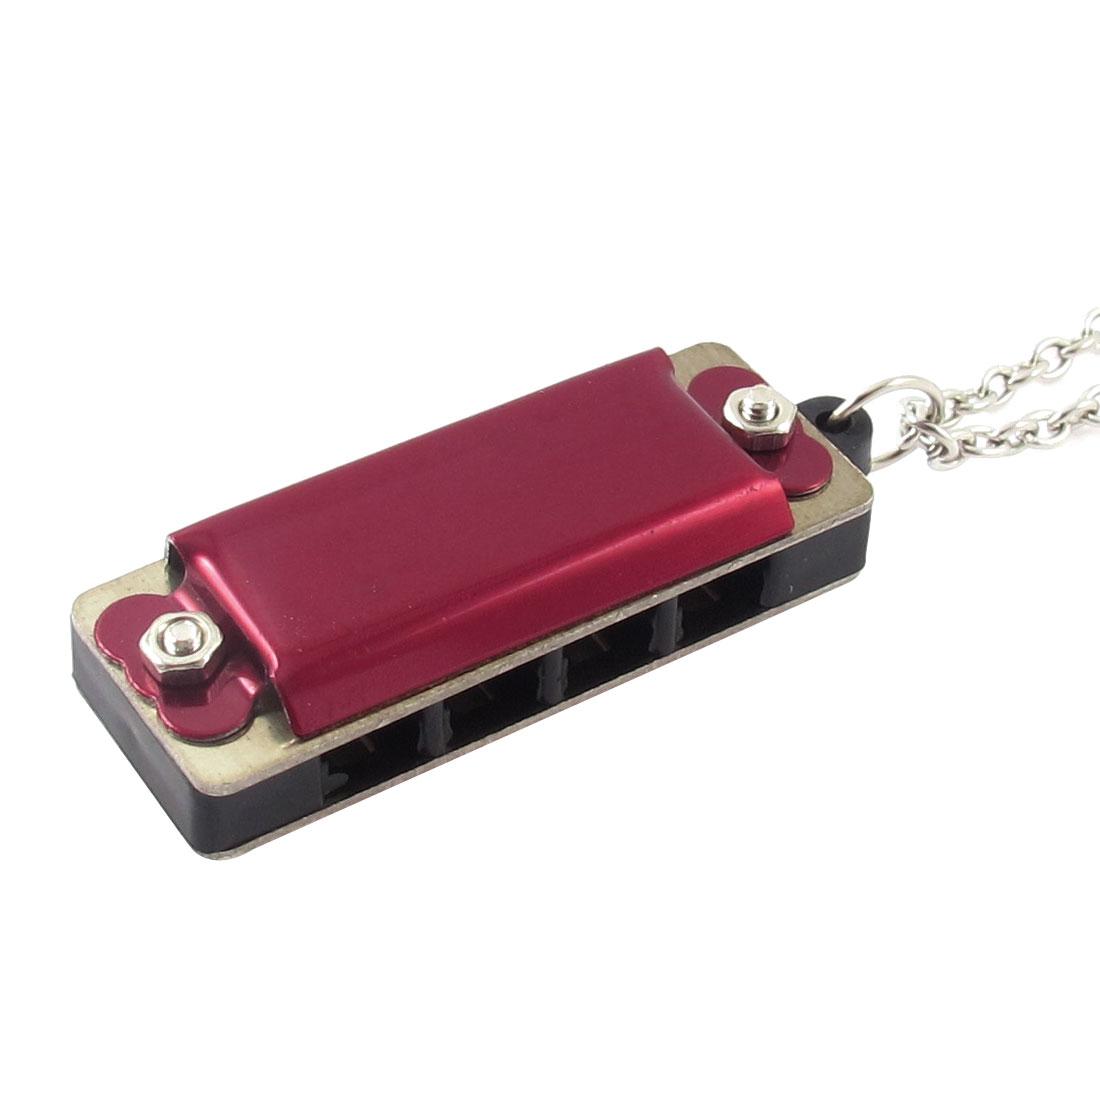 Mini Red Harmonica Pendant Lobster Clasp Silver Tone Chain Necklace